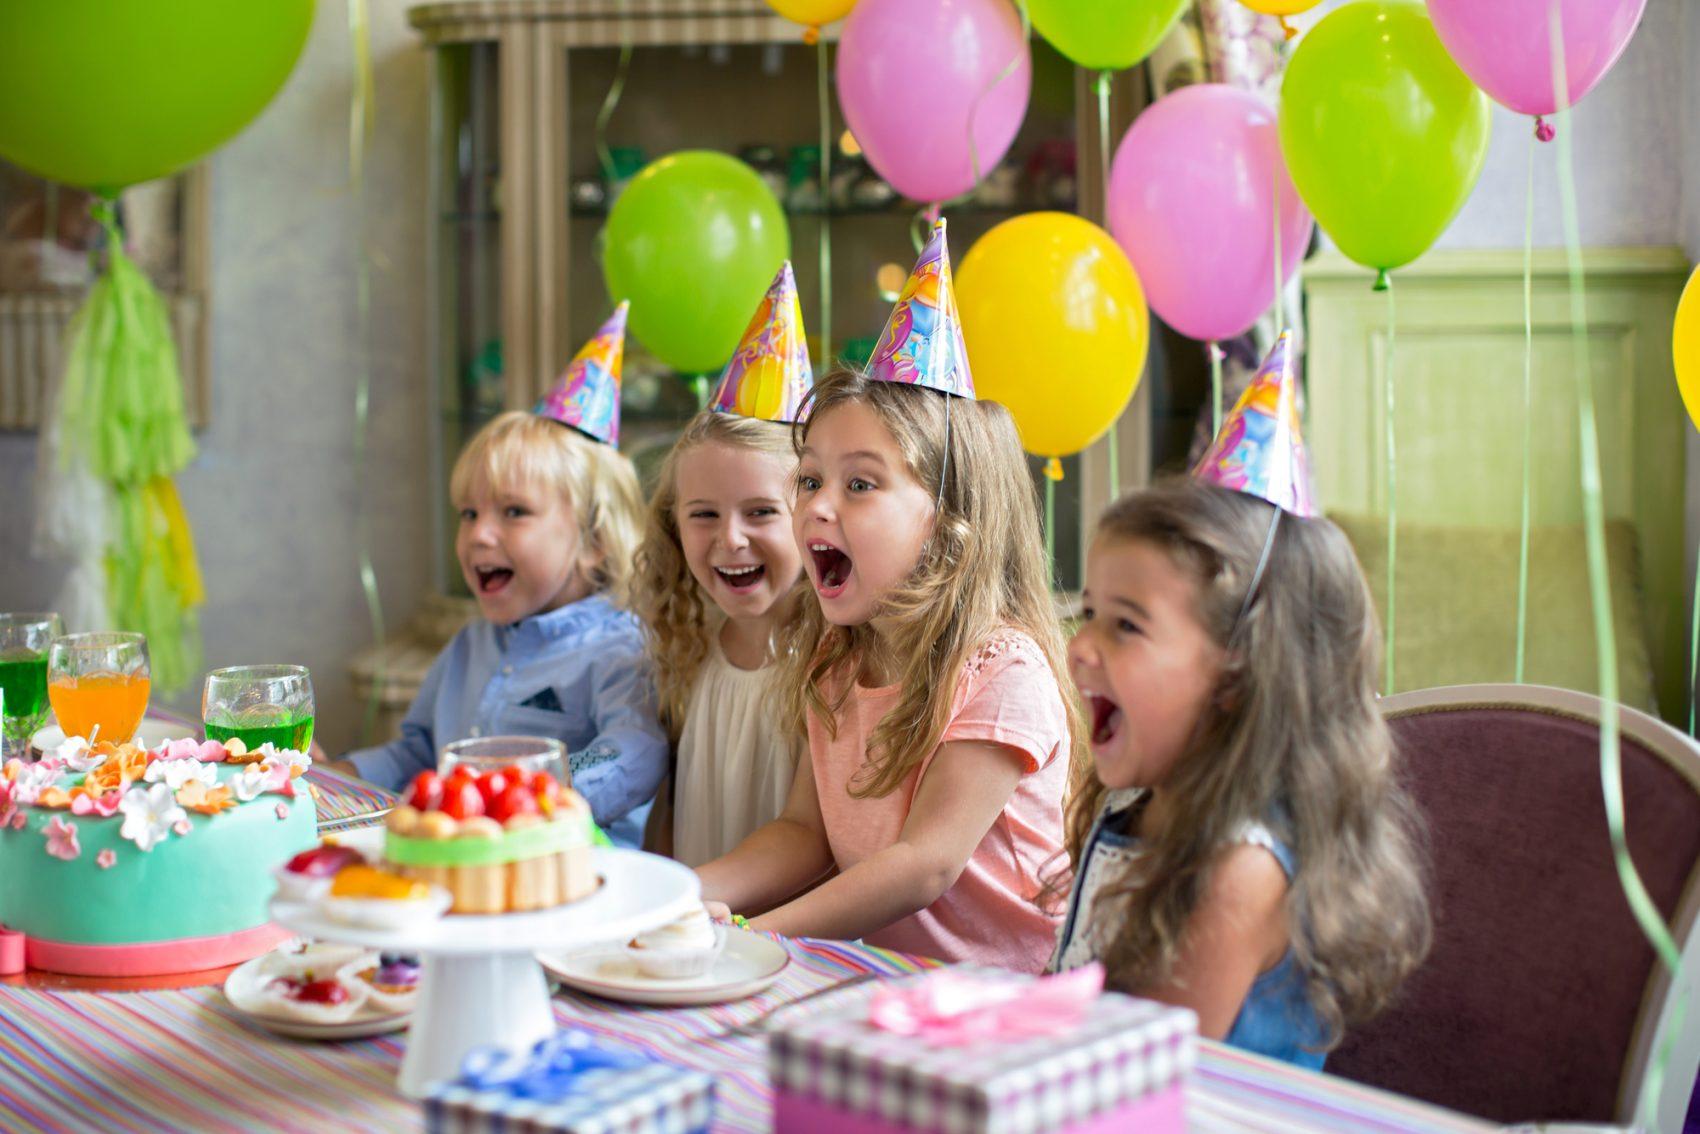 Giochi per feste di compleanno bambini di 7 8 anni da fare